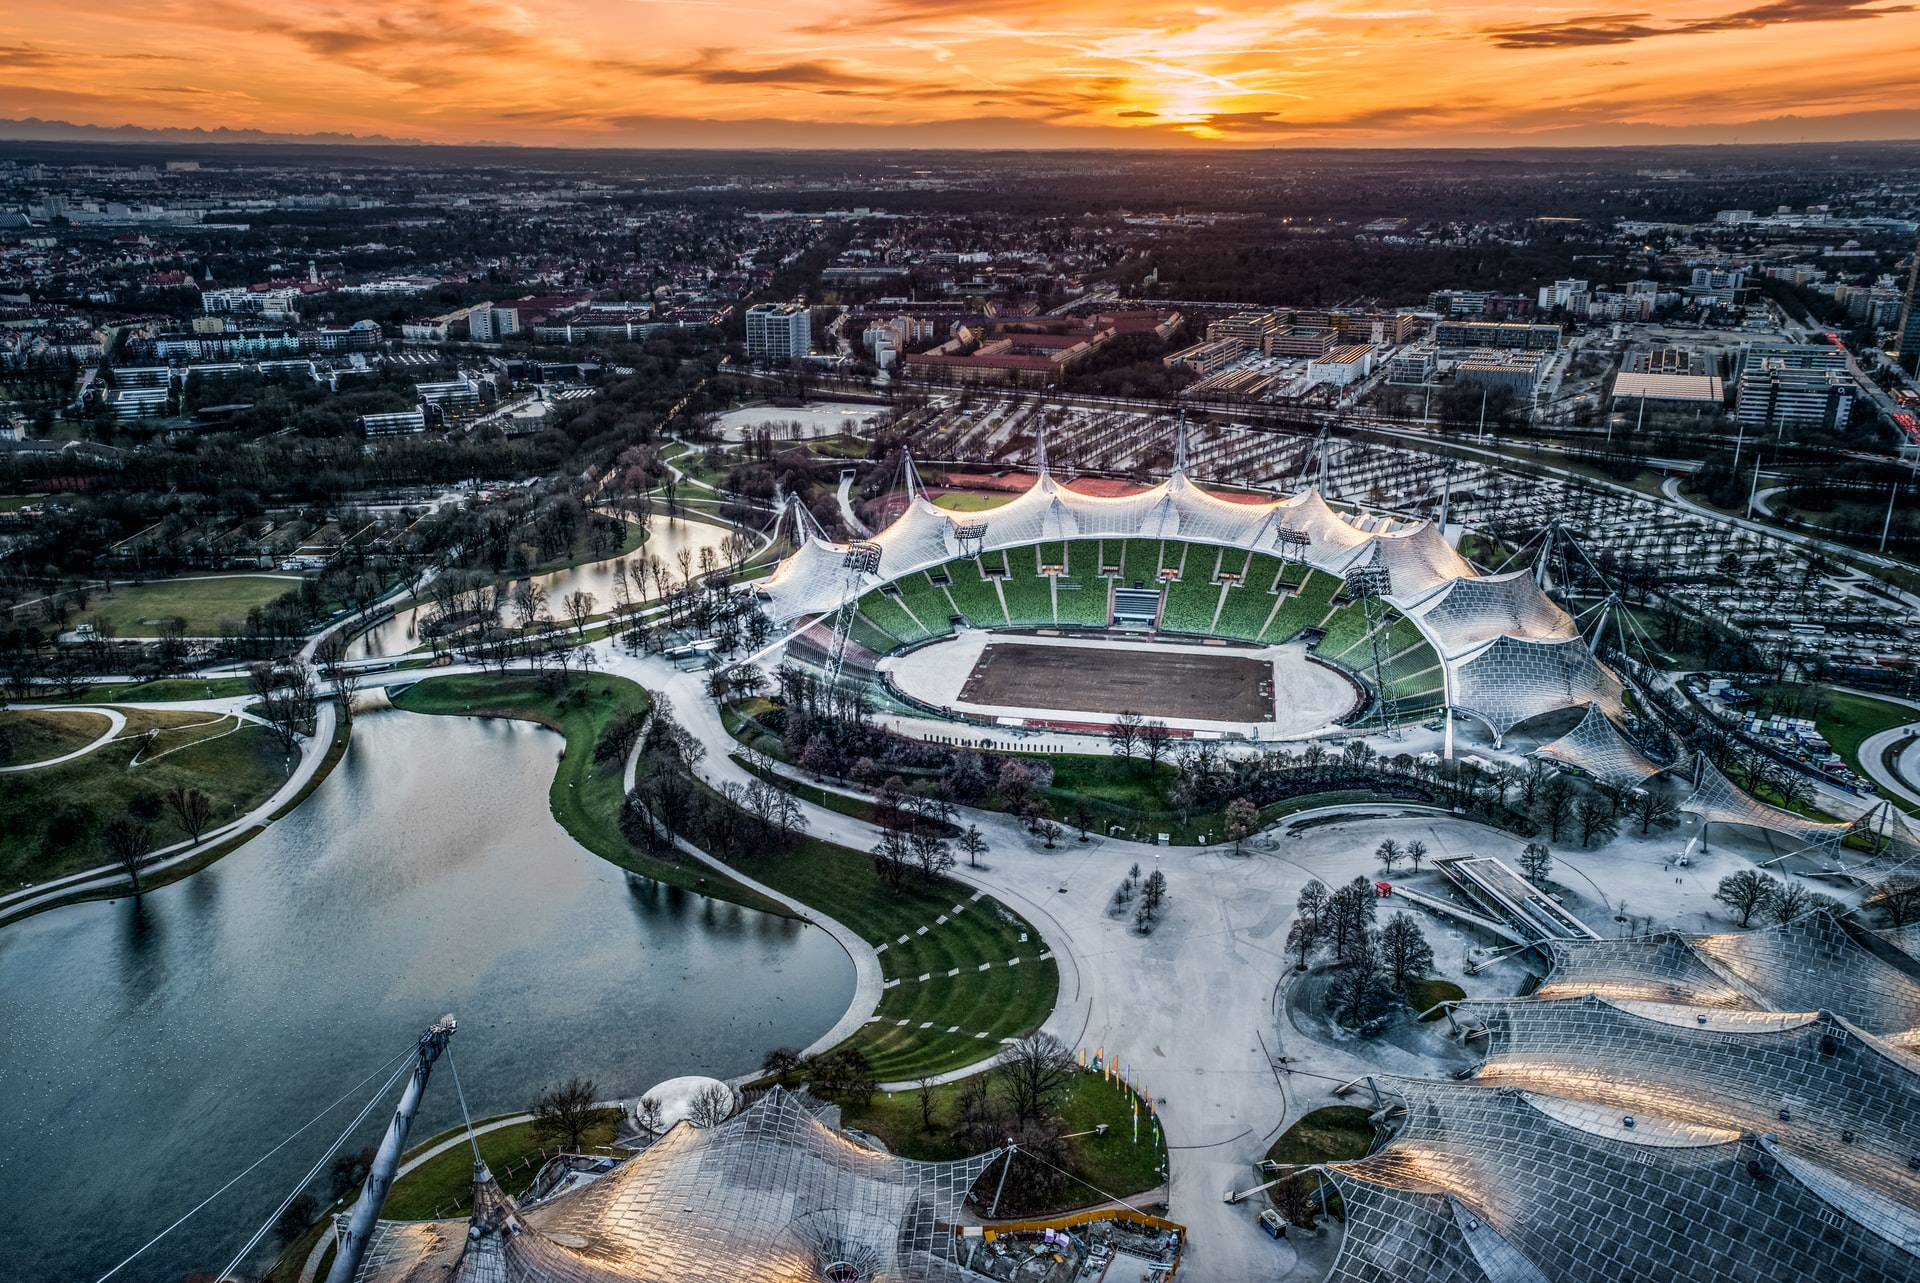 Bester Stromanbieter München